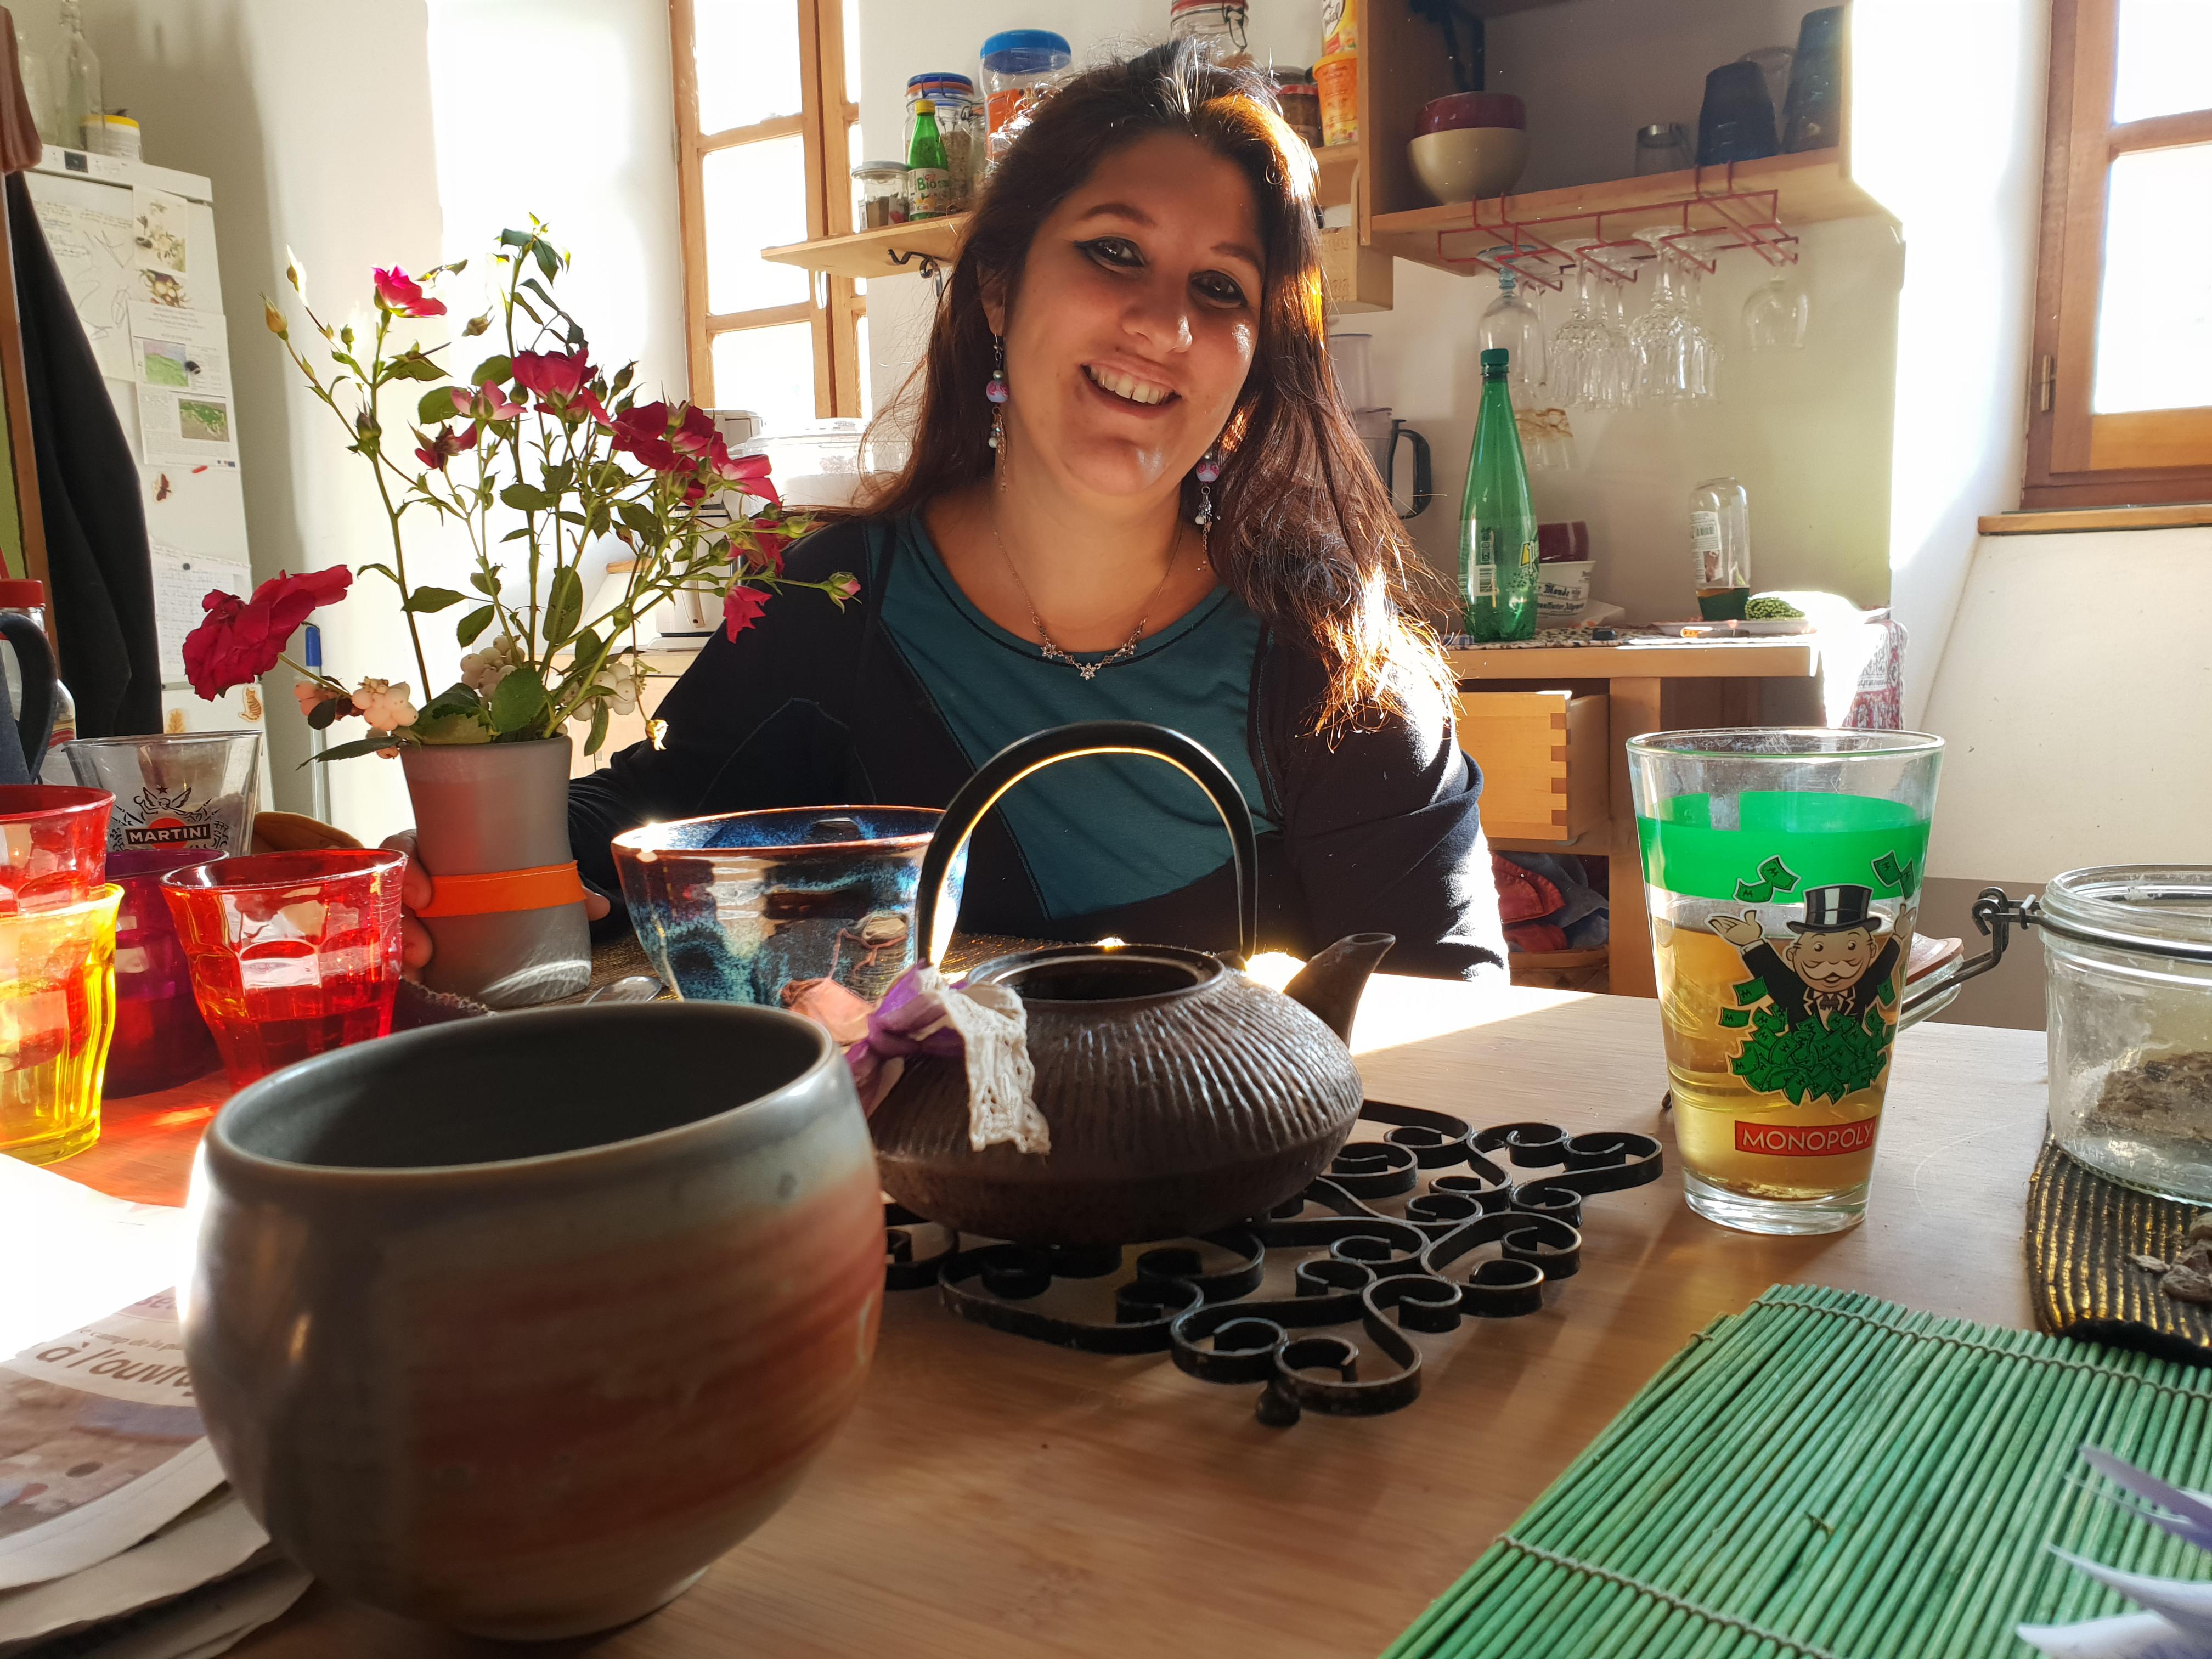 Julie (photo) avait un conflit de voisinage. Une voisine invitait ses amis à boire le café dans la ruelle, devant sa maison. «Entendre parler toute la journée sous mes fenêtres, c'était devenu insupportable», raconte-t-elle. «Avec l'aide de l'équipe municipale, nous avons réglé le problème en autogestion.» © Lucile Leclair